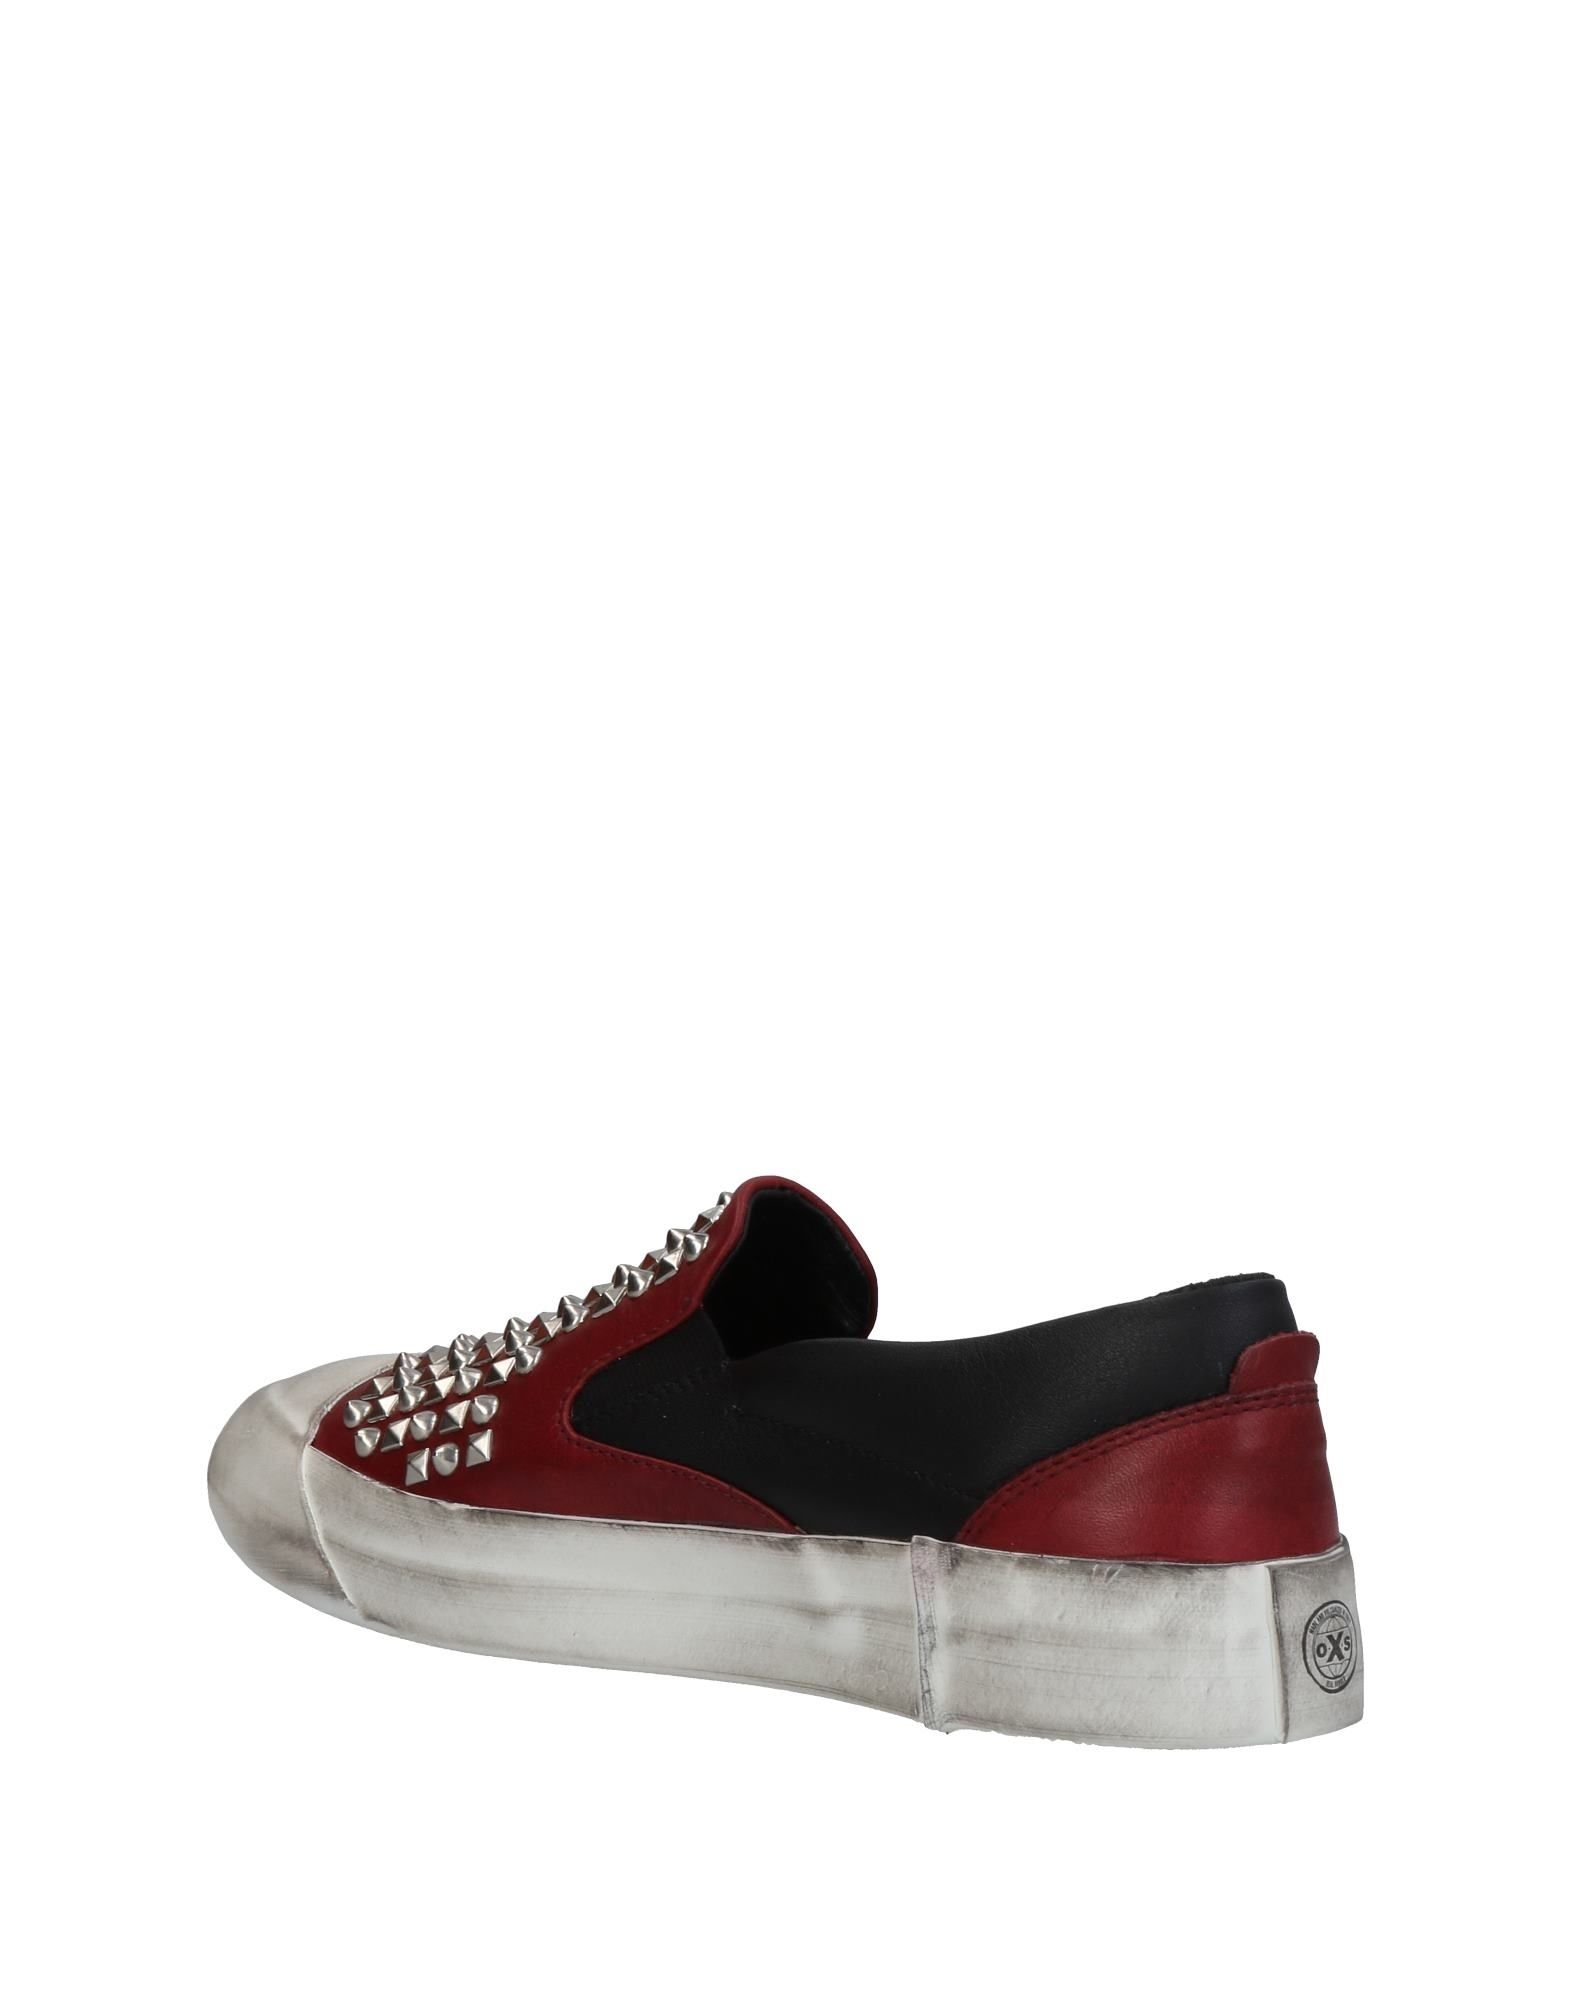 Stilvolle billige Schuhe O.X.S. Sneakers 11456641TE Damen  11456641TE Sneakers 66e8d6